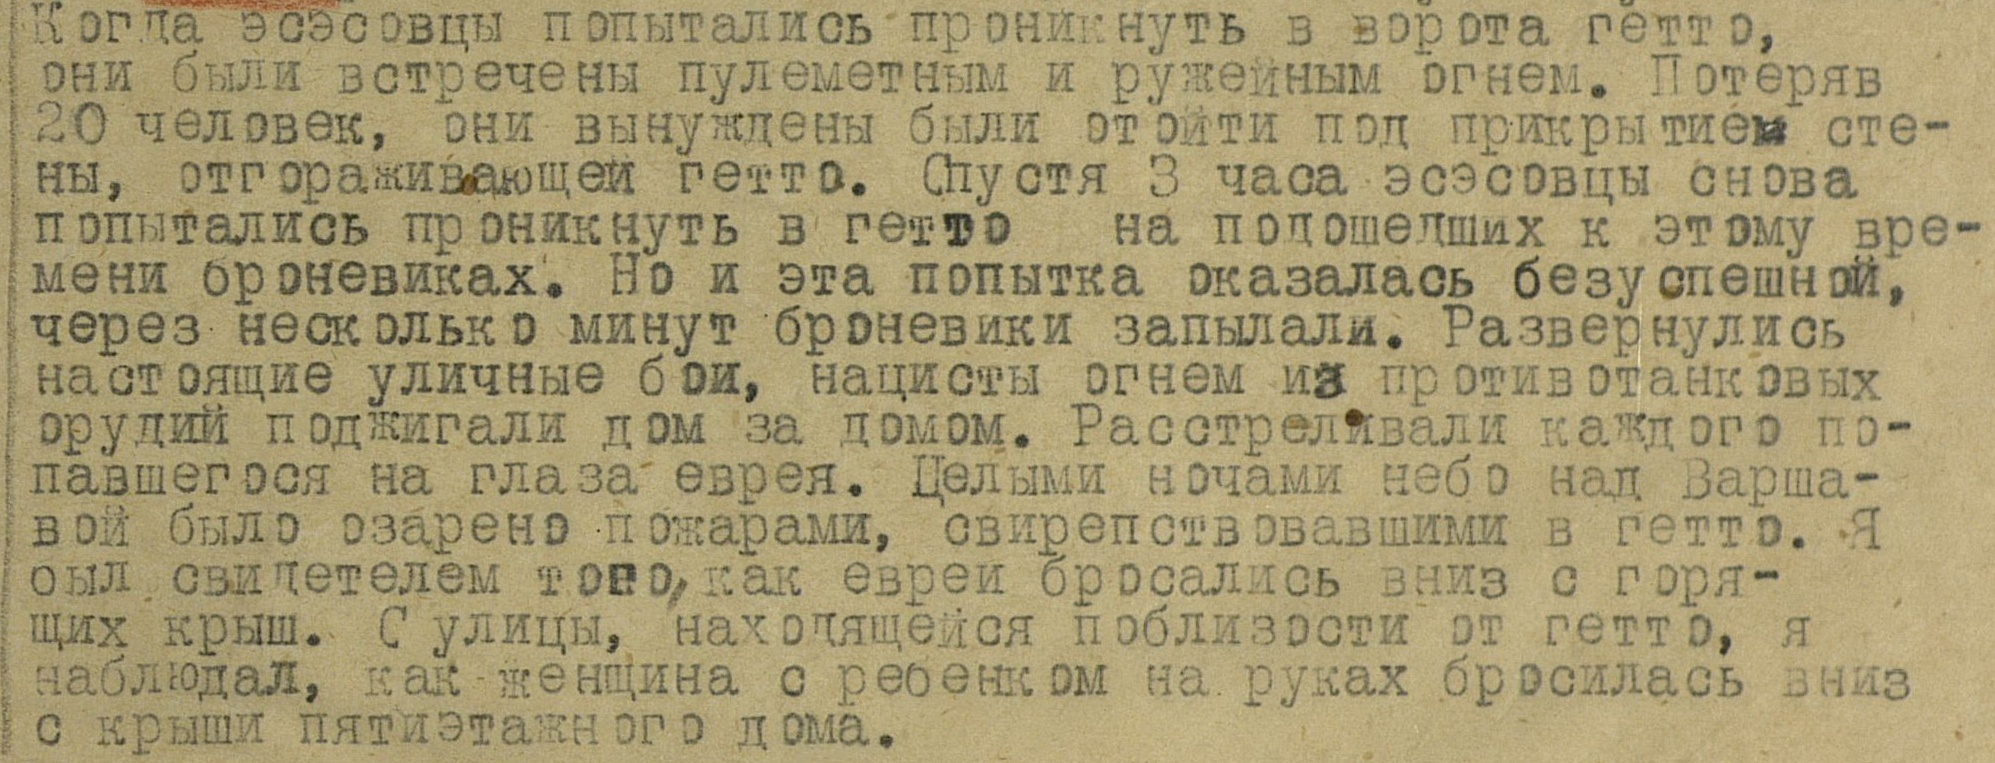 2- Показания военнопленного ефрейтора К. Веймана о прогромах в Варшавском гетто от 30.08.1943